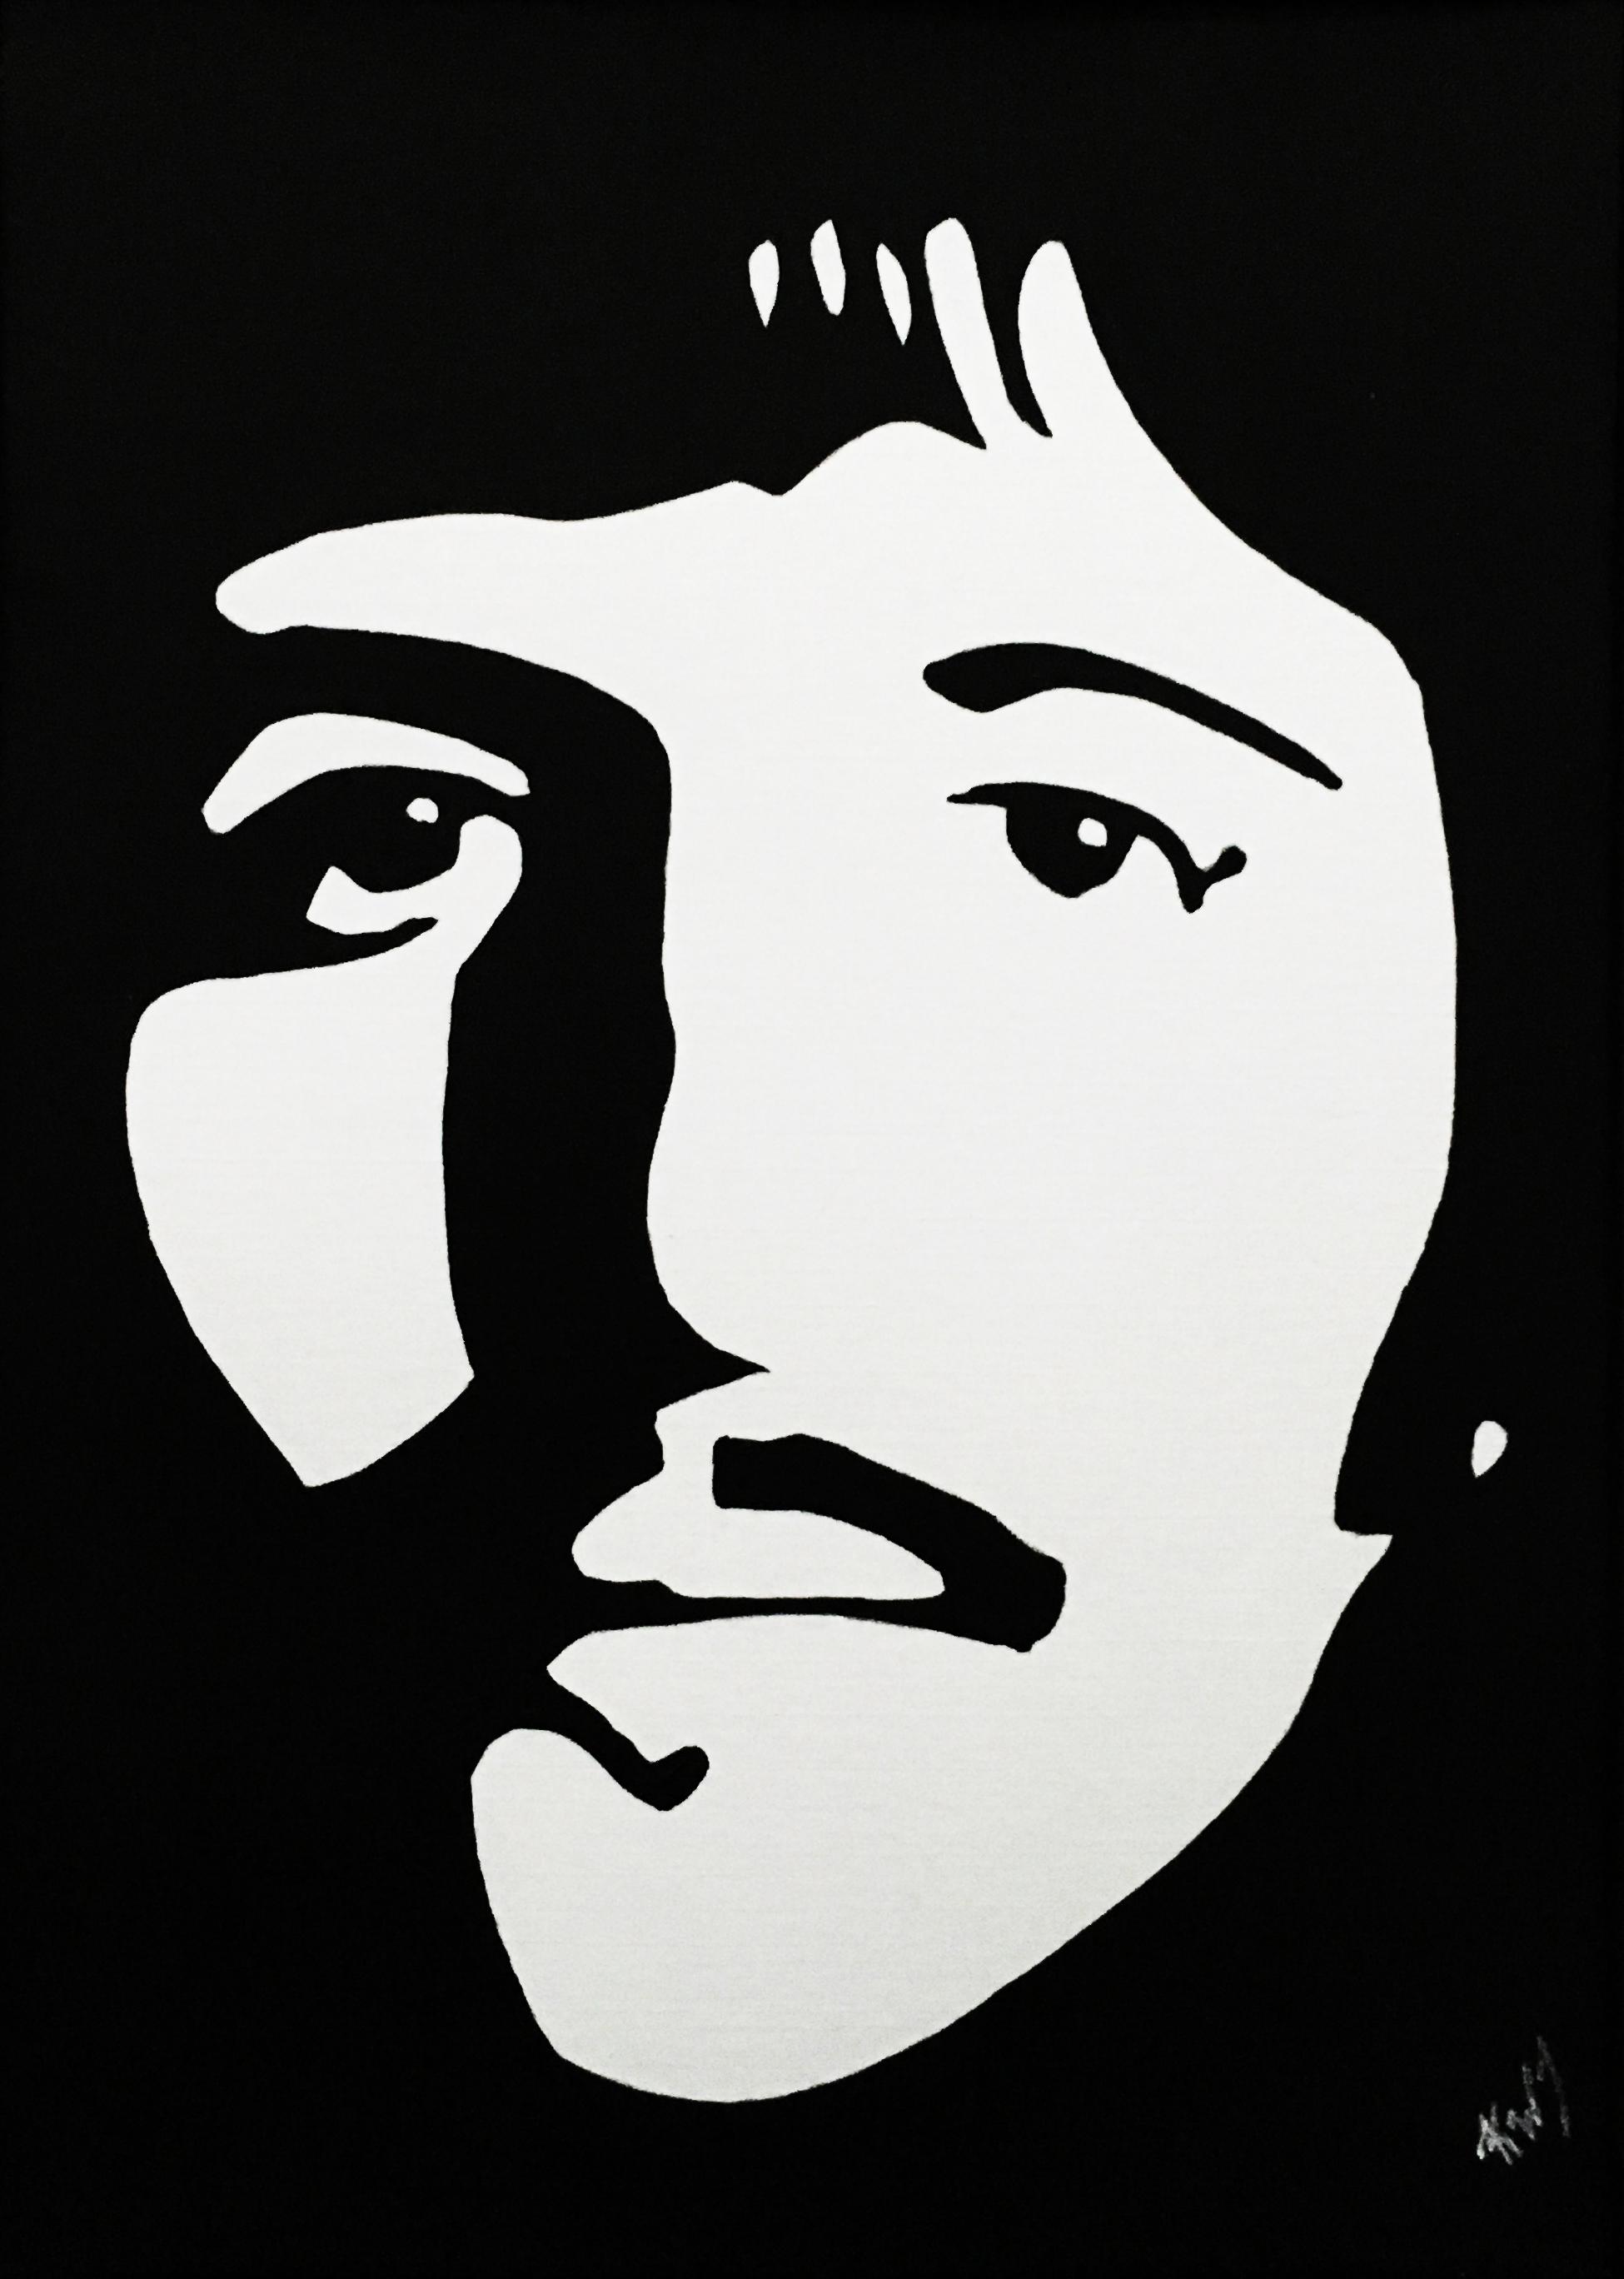 Beatles Ringo